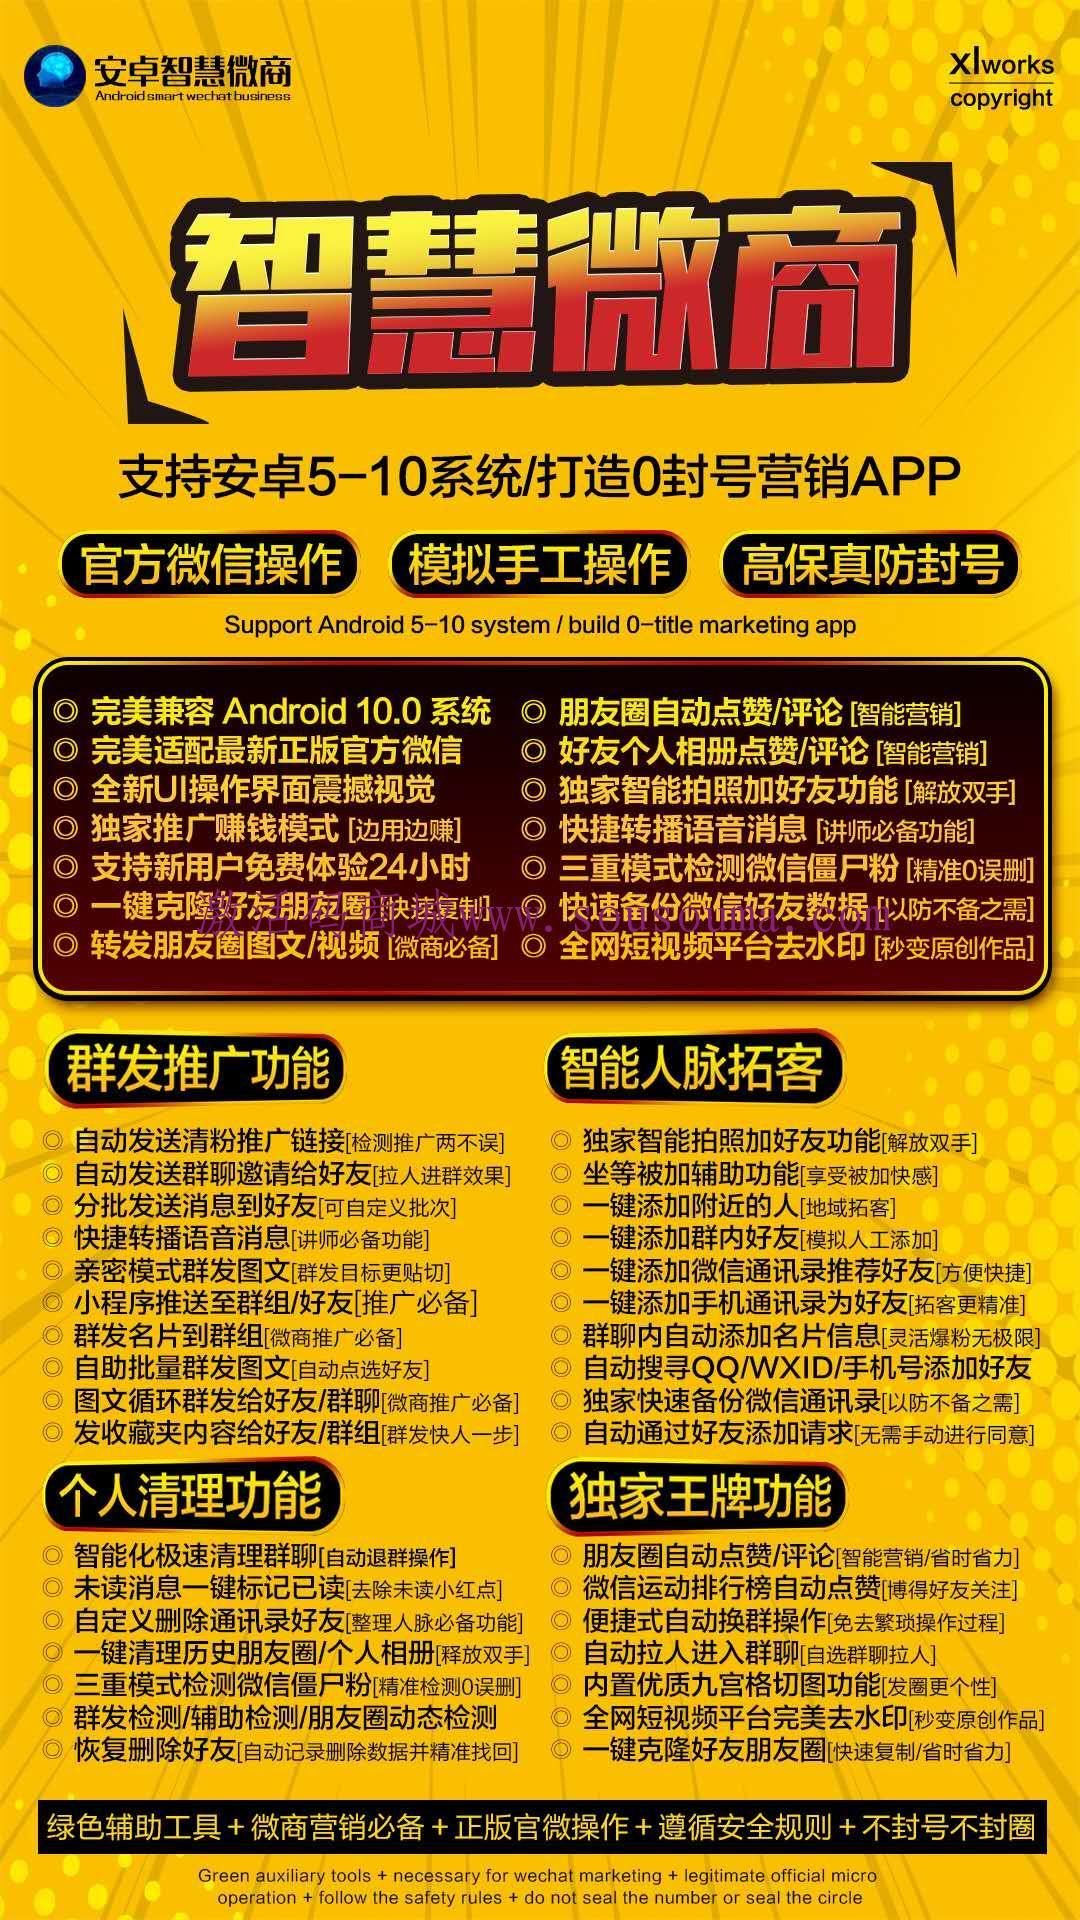 【智慧微商】安卓辅助类营销软件新品激活码授权